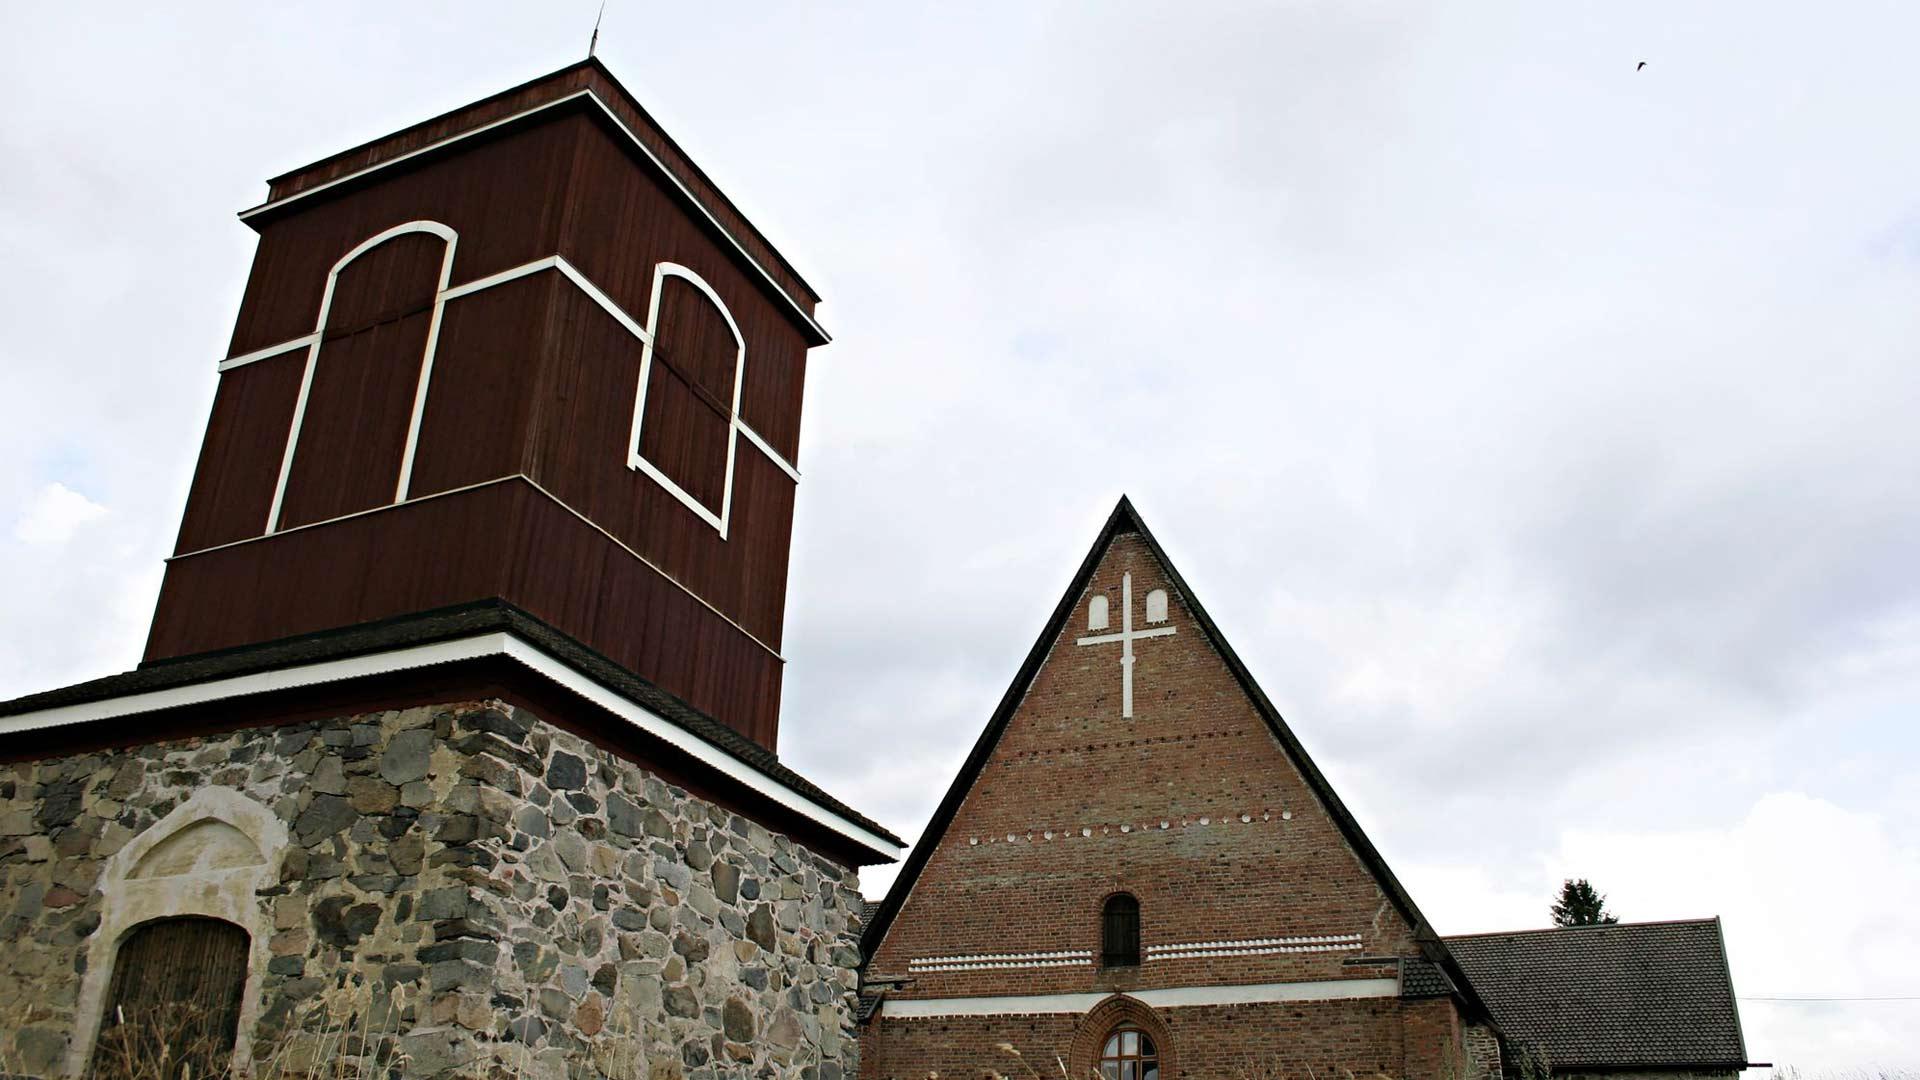 Hattulan Pyhän Ristin kirkko on Turun tuomiokirkon lisäksi ainoa tiilistä muurattu keskiaikainen kivikirkko.